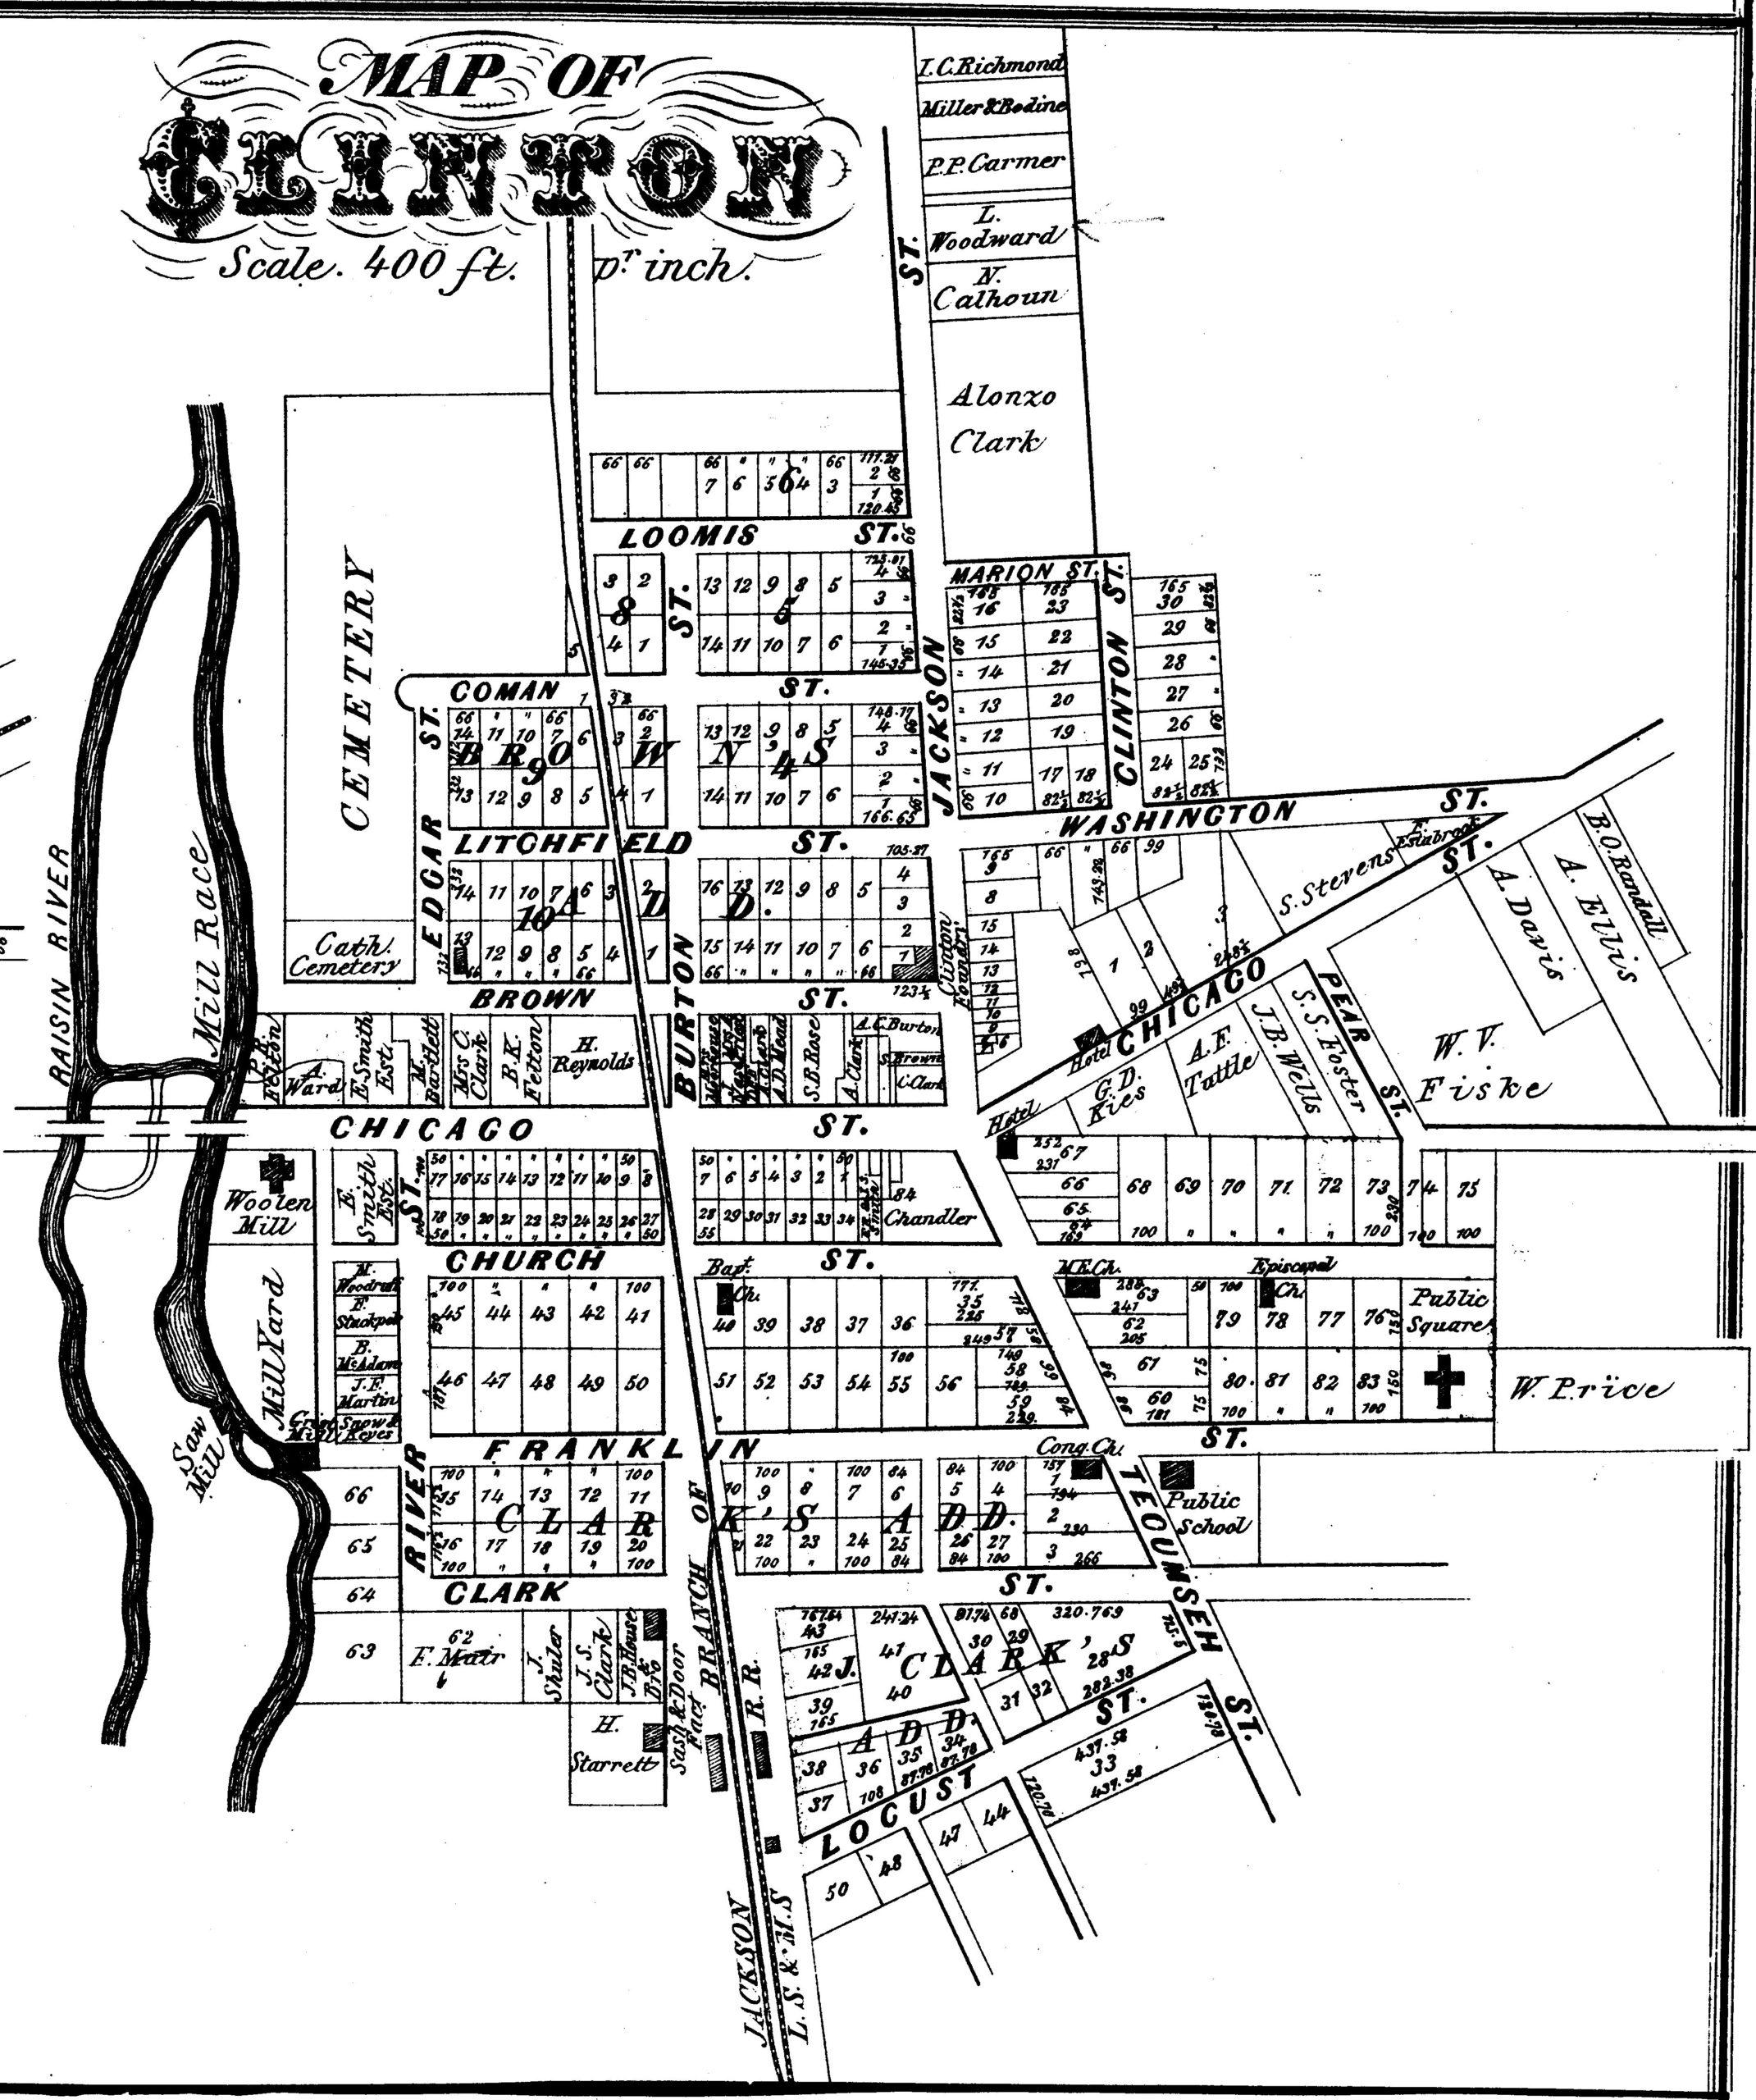 Clinton 1874 Map